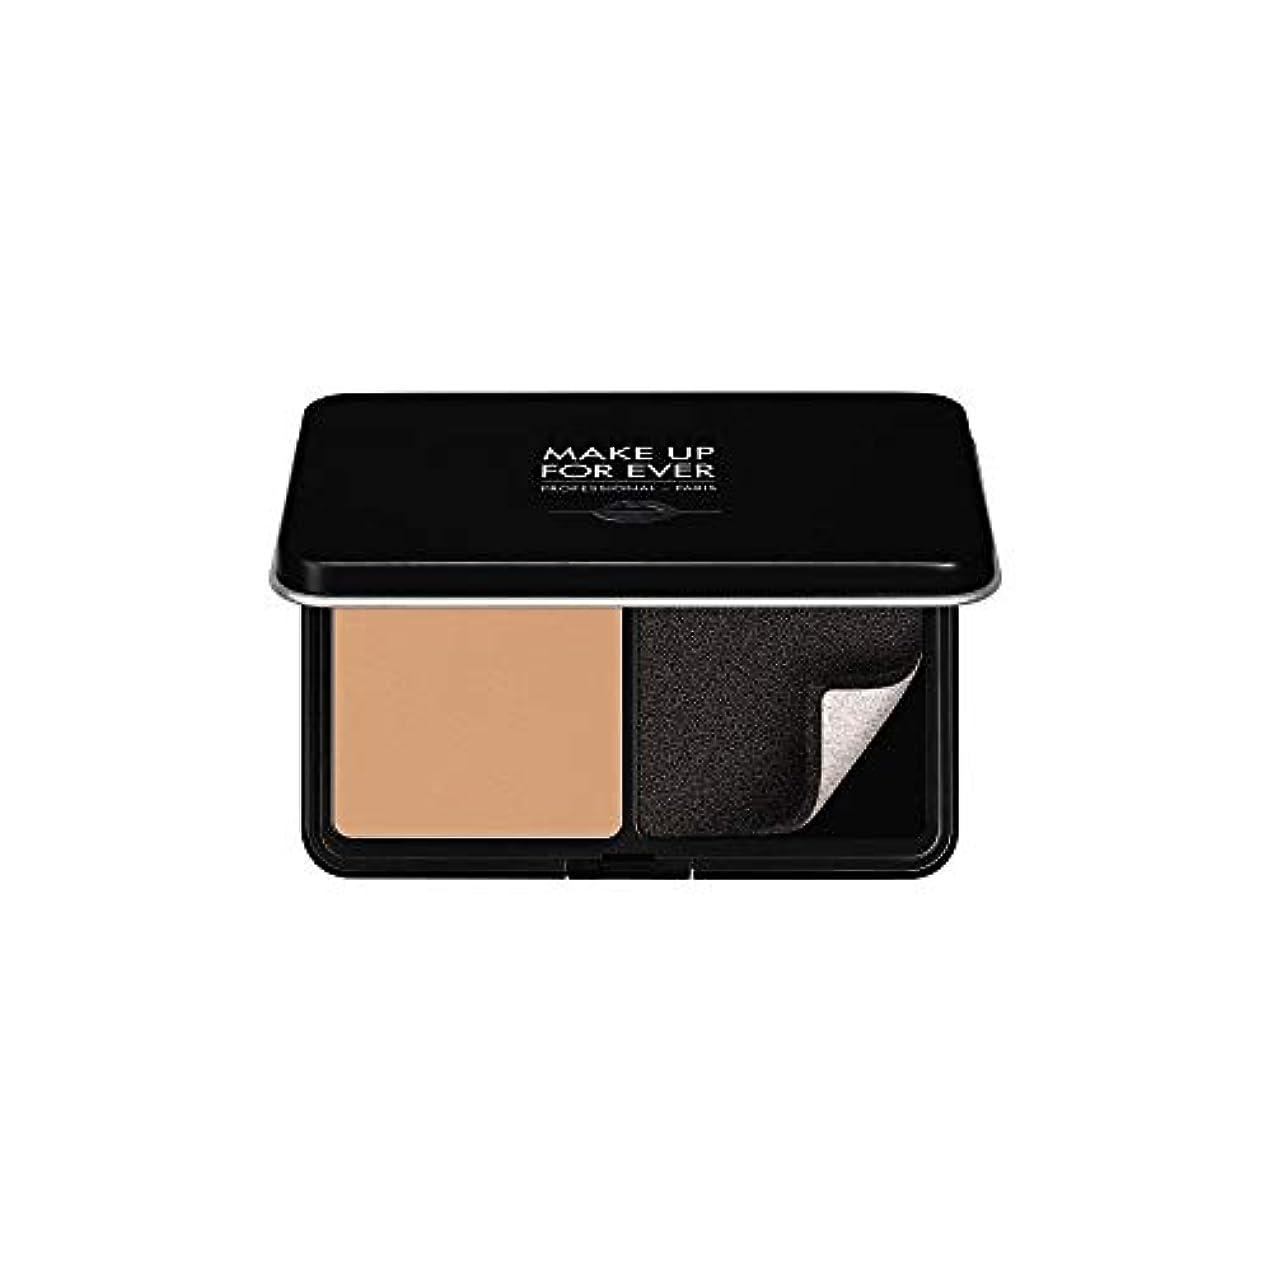 ウミウシショッキング起業家メイクアップフォーエバー Matte Velvet Skin Blurring Powder Foundation - # Y345 (Natural Beige) 11g/0.38oz並行輸入品